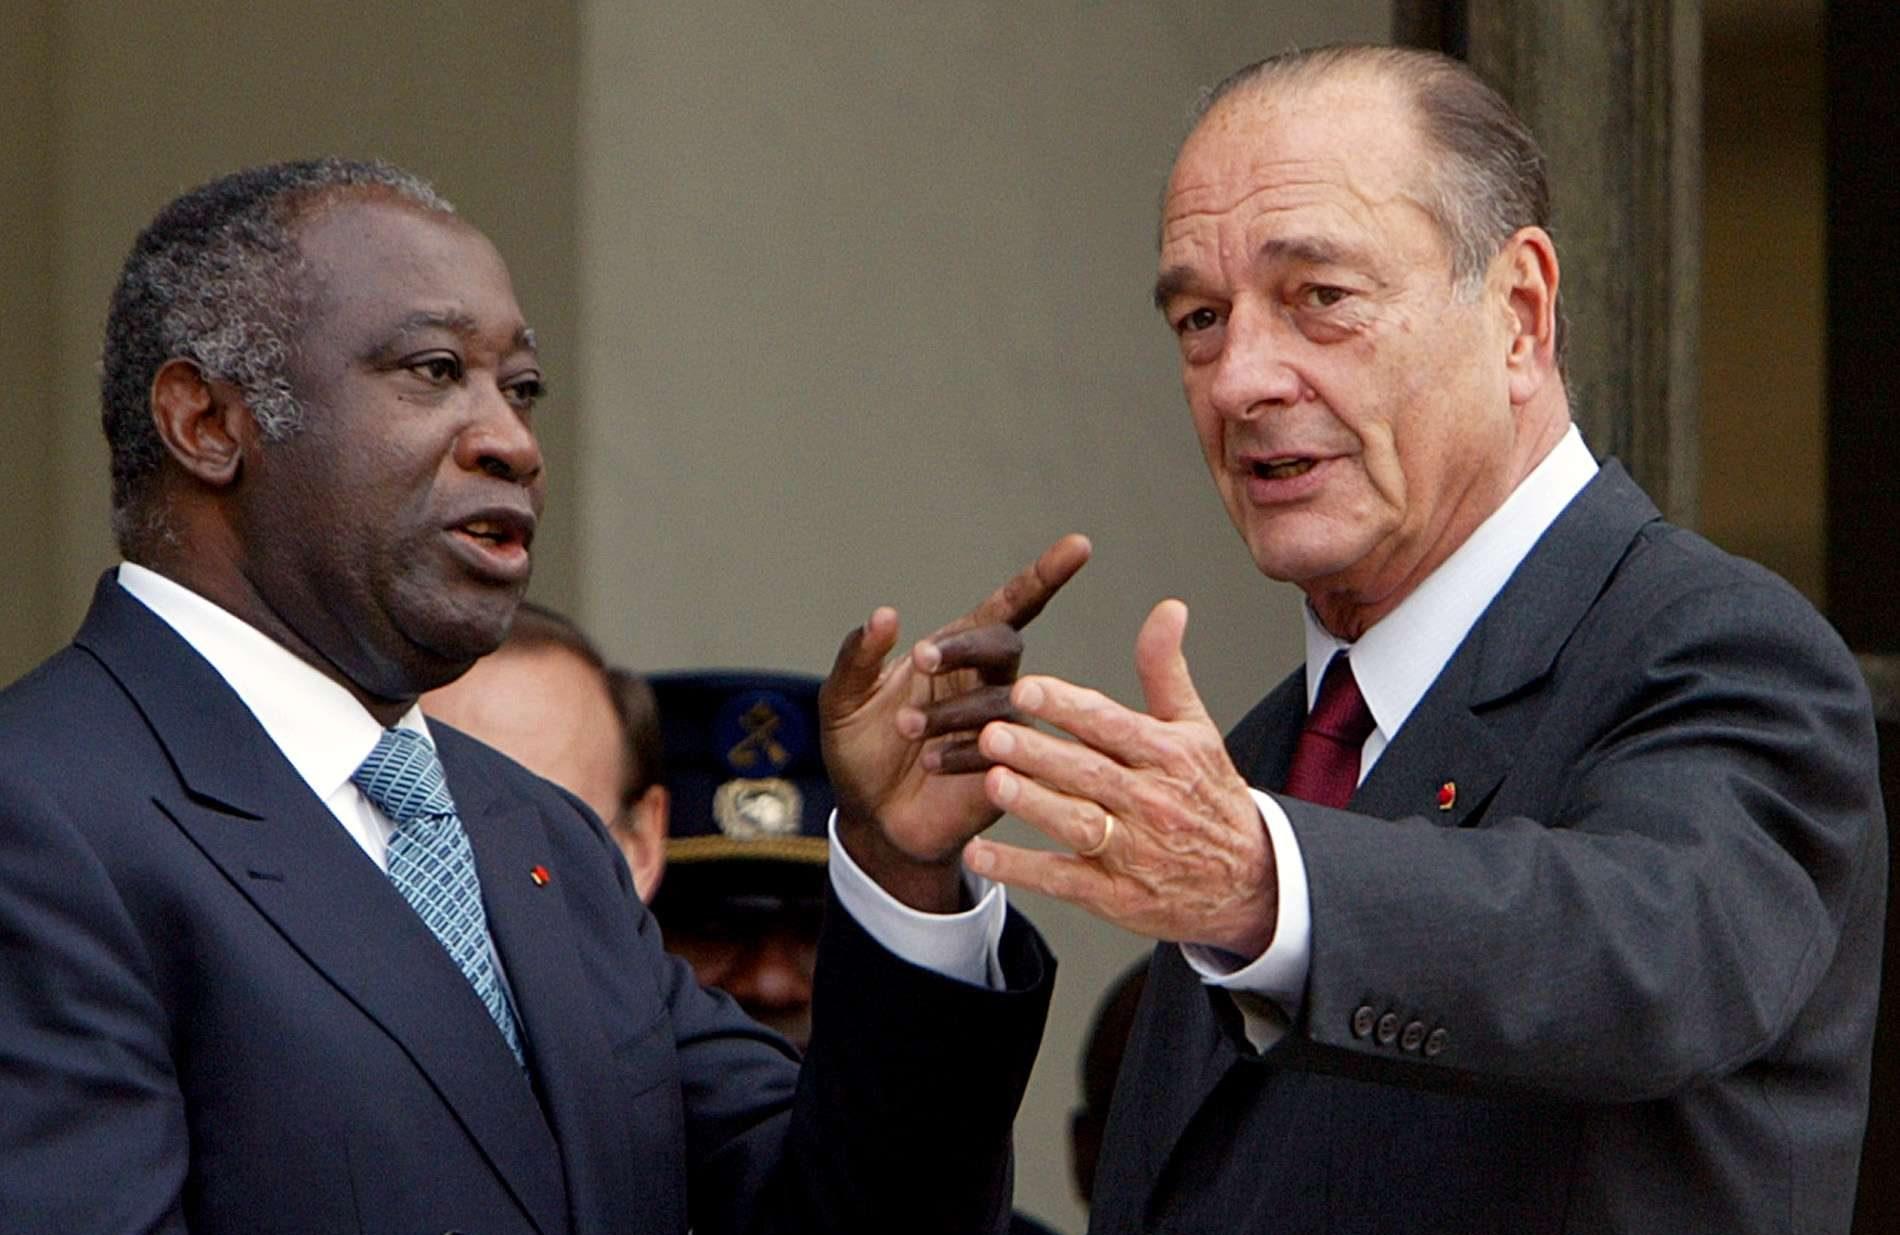 Laurent Gbagbo et Jacques Chirac (à dr.), en février 2004 à Paris (image d'illustration).